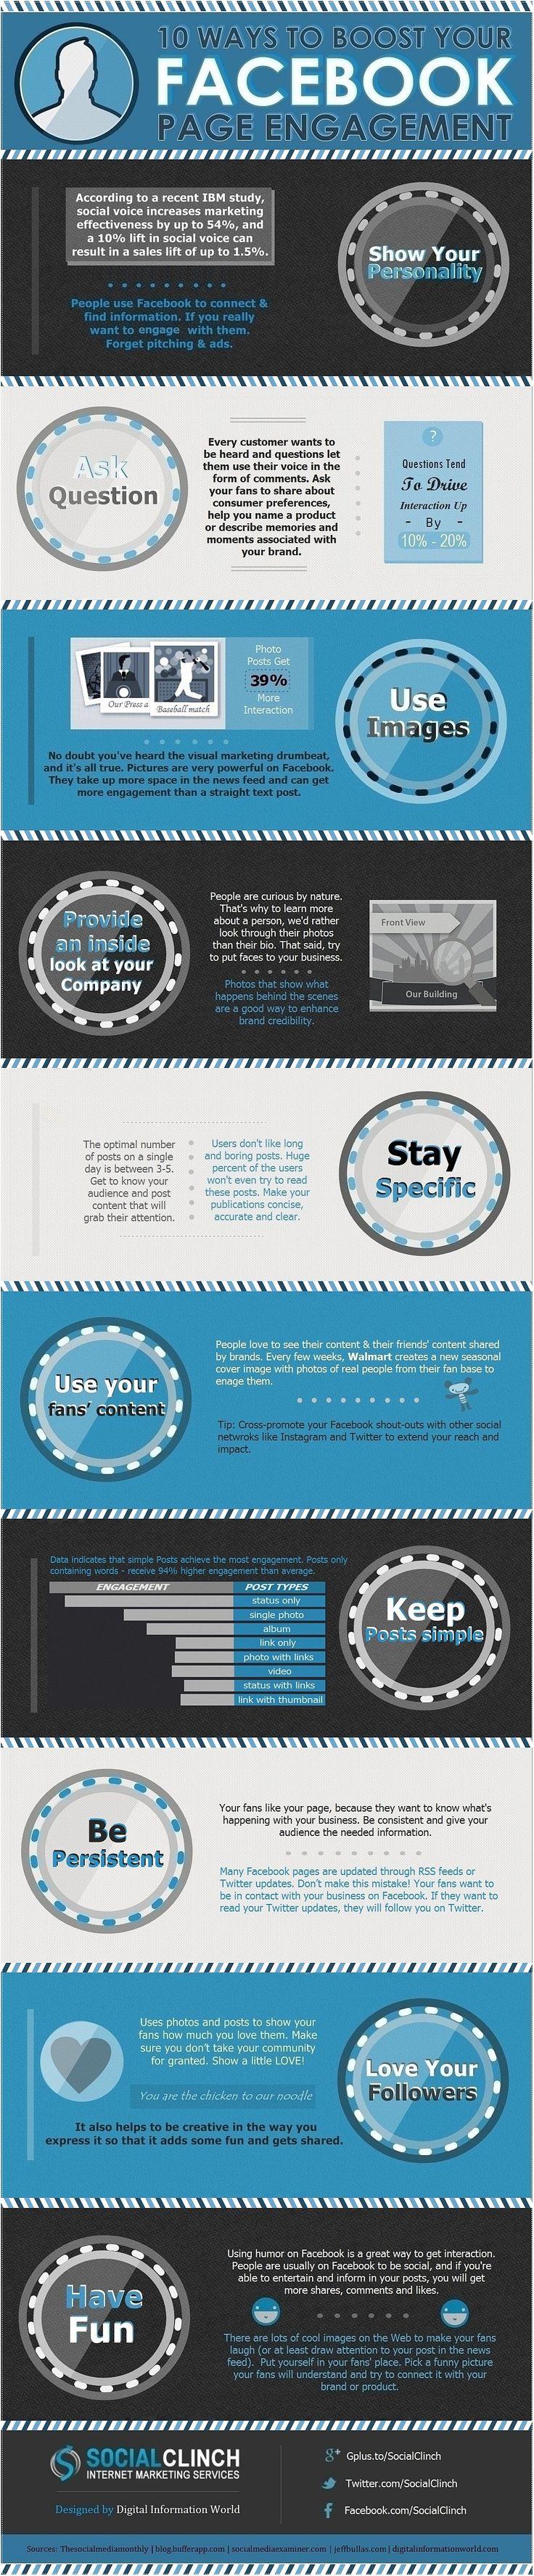 [Infographie] Facebook : 10 conseils pour fidéliser les fans d'une marque